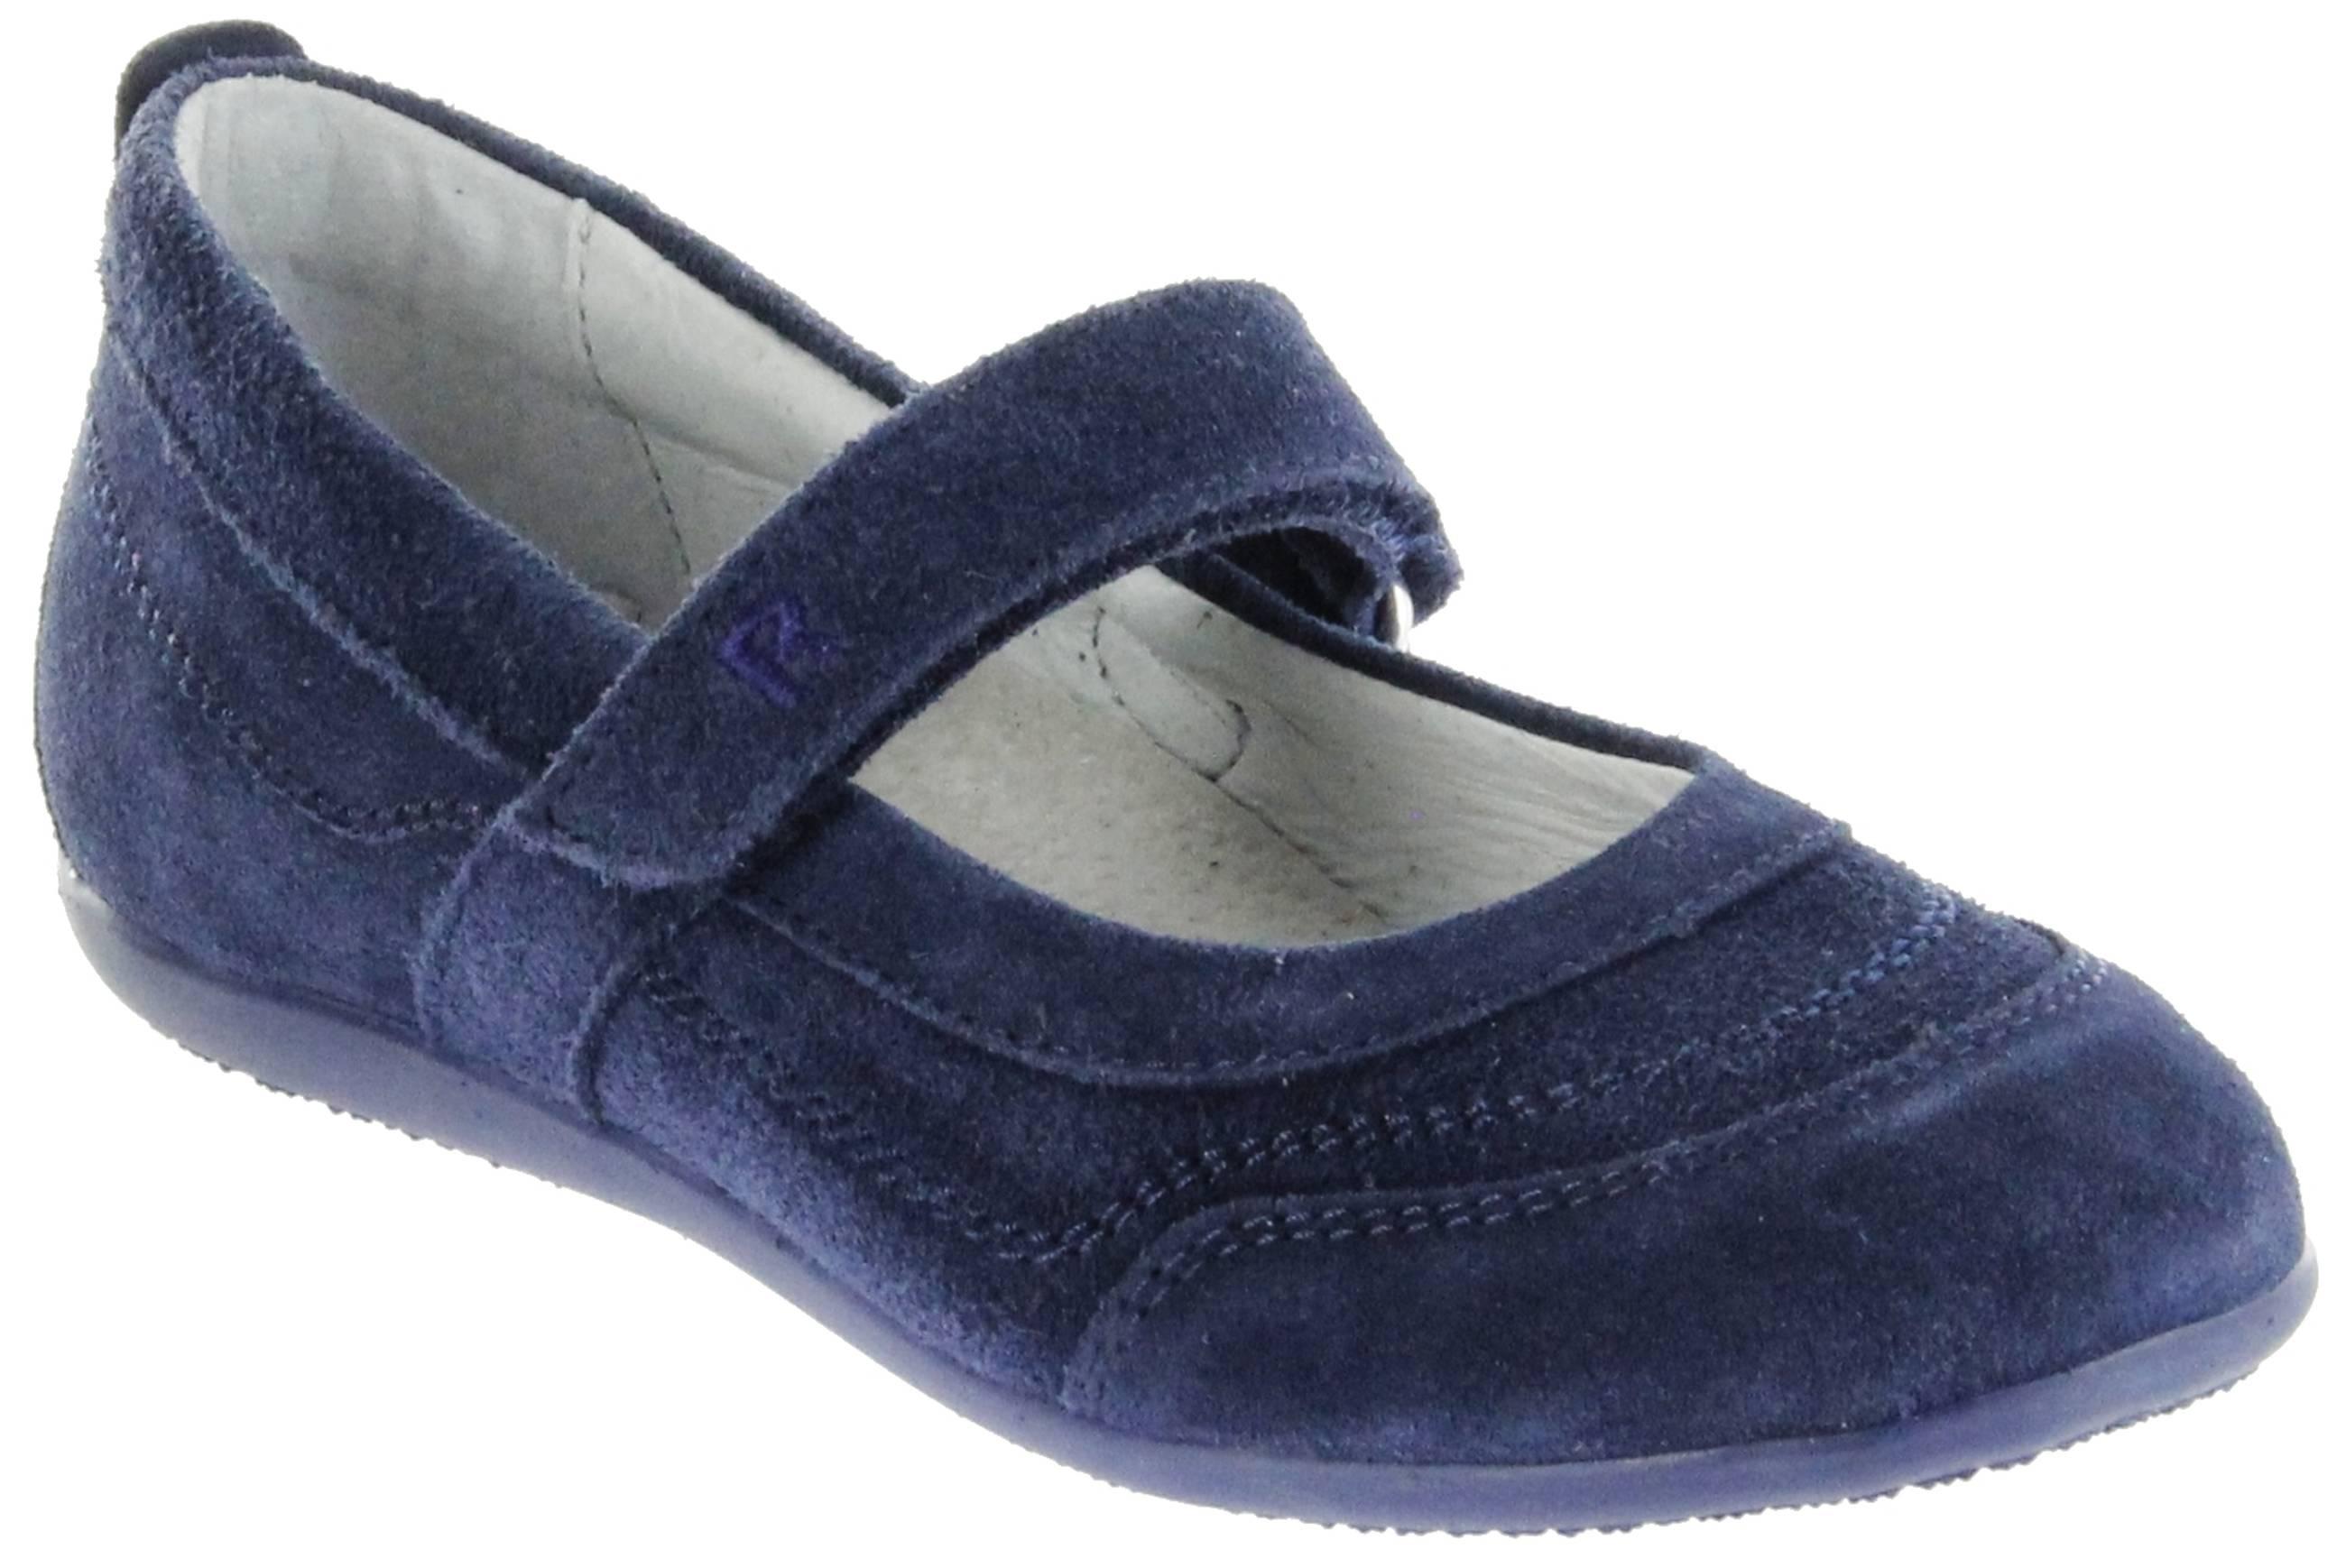 das Neueste 41ba4 a9946 Richter Kinder Ballerinas blau Velour Klett Mädchen Schuhe 3412-341-7200  atlantic Adele